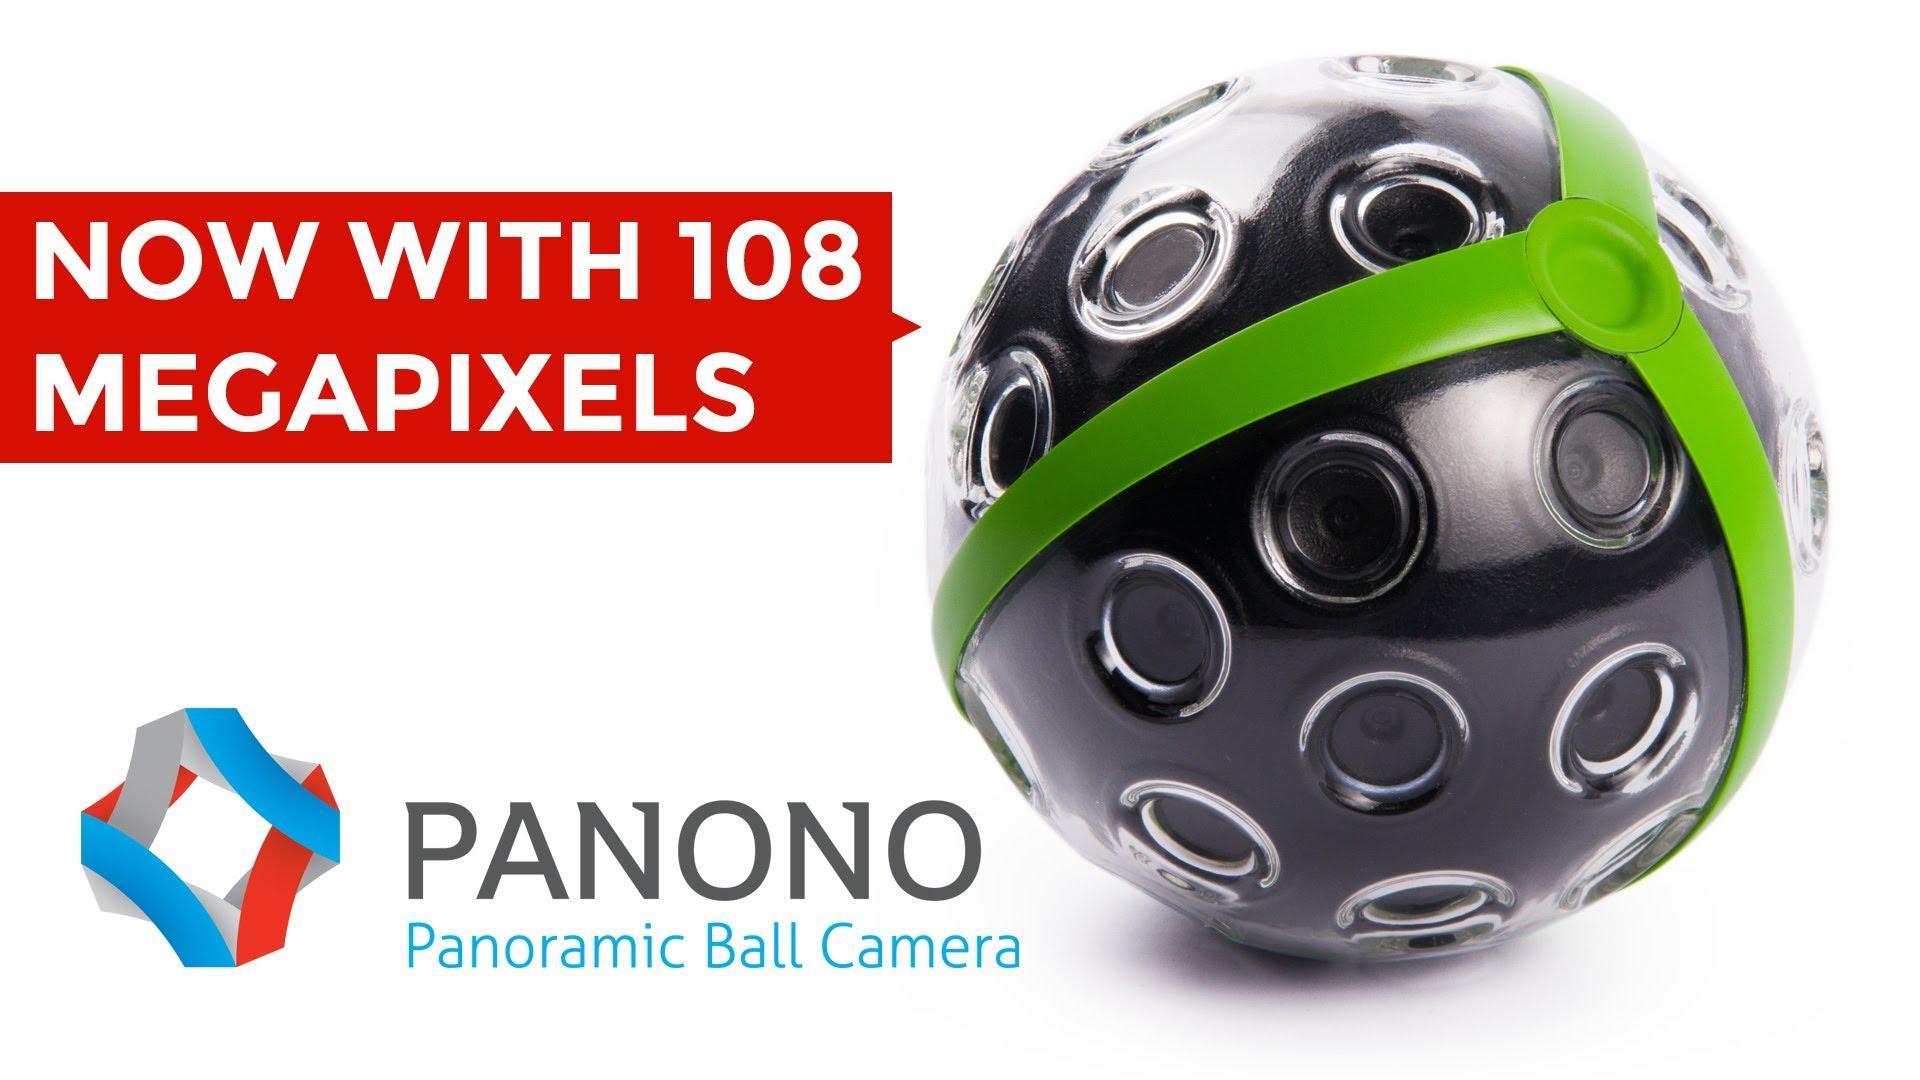 Câmera Panono e seus mais de 100 megapixels - Fotografia DG